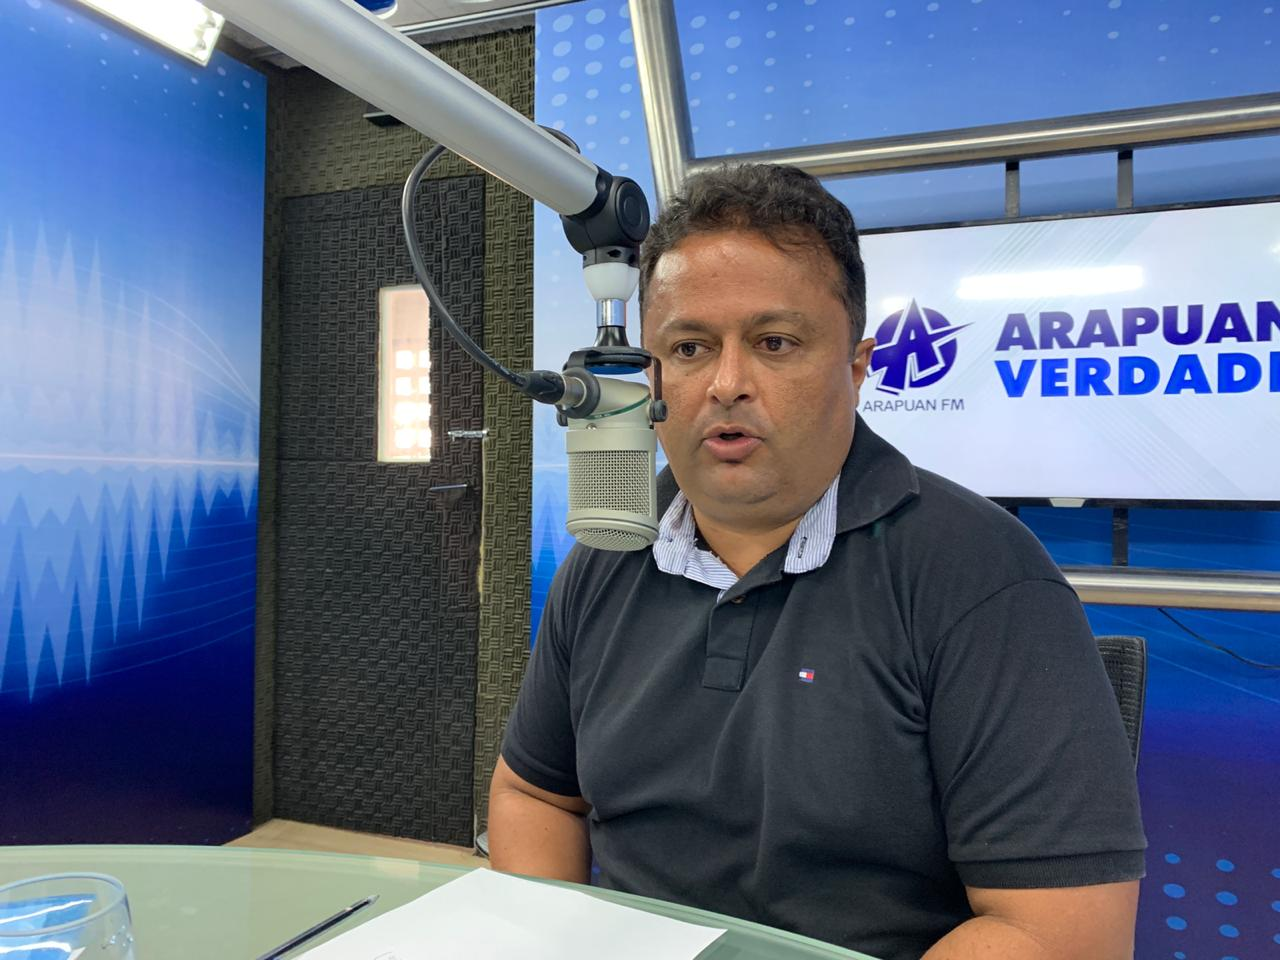 """jackson macedo - Presidente estadual quer """"paz"""" entre PT e Anísio e promete diálogo para não expulsar o deputado: """"Vamos parar de briga entre nós"""""""